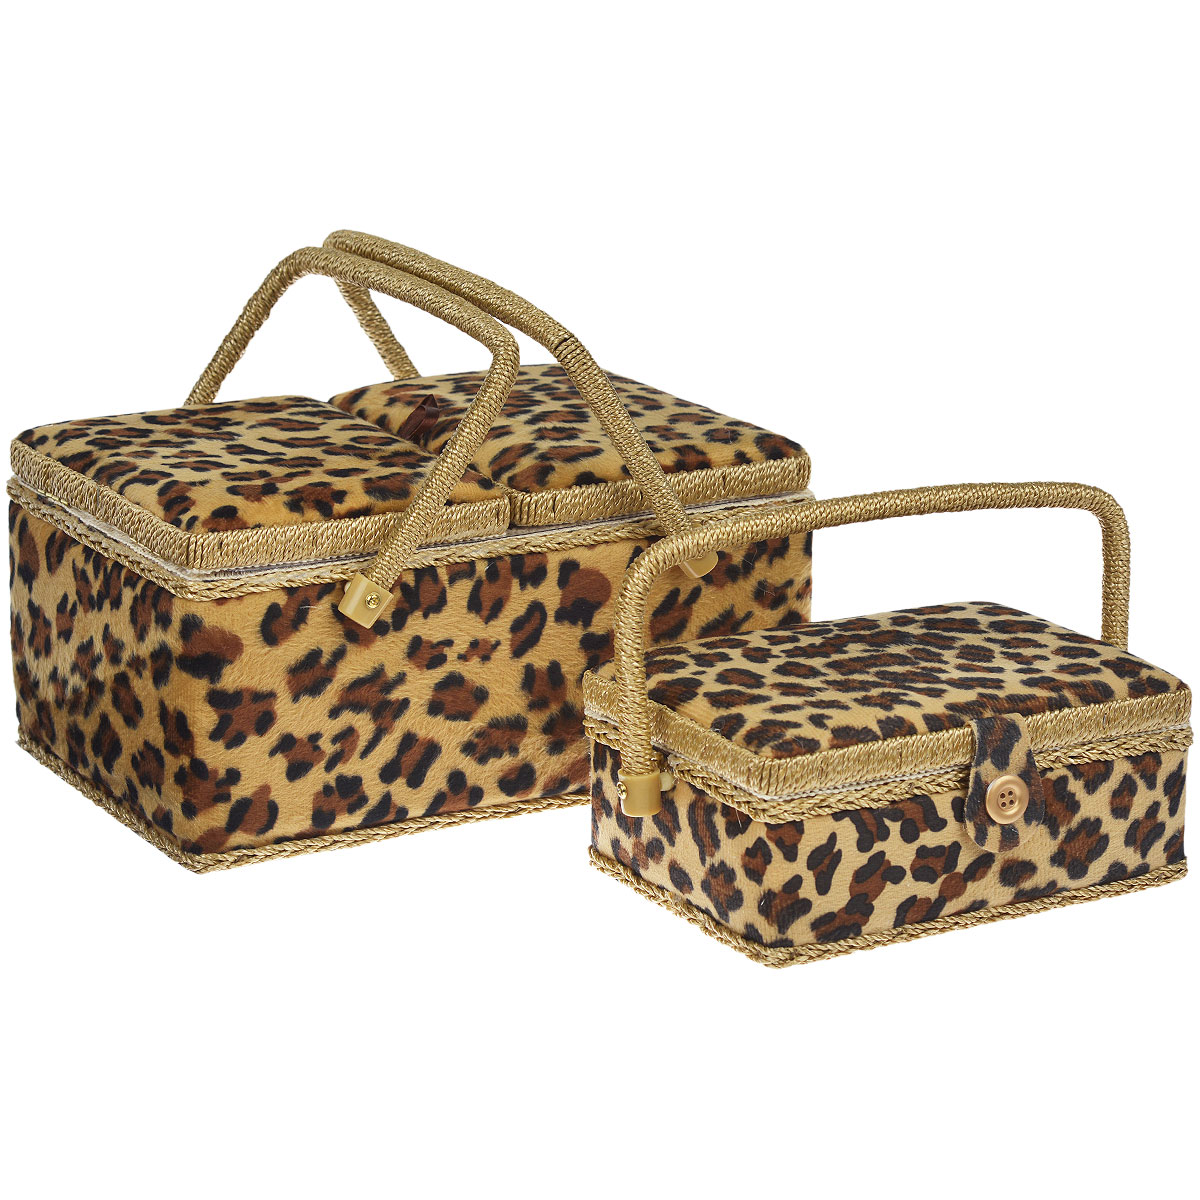 Шкатулка для рукоделия Леопард + Вторая шкатулка в подарокNLED-420-1.5W-RНабор Леопард состоит из двух прямоугольных шкатулок для рукоделия. Изделия выполнены из МДФ и обтянуты плюшевым текстилем с принтом под леопарда. Большая шкатулка закрывается двумя крышками, внутри содержатся две подушечки для игл и съемный пластиковый поддон с 4 отделениями. Маленькая шкатулка закрывается хлястиком на липучку. Изделия оснащены удобными плетеными ручками. Изящные шкатулки с ярким дизайном предназначены для хранения мелочей, принадлежностей для шитья и творчества и других аксессуаров. Они красиво оформят интерьер комнаты и помогут хранить ваши вещи в порядке. Прекрасный подарок для рукодельницы. Размер большой шкатулки: 31 см х 21 см х 15 см. Размер маленькой шкатулки: 21 см х 15 см х 9 см.